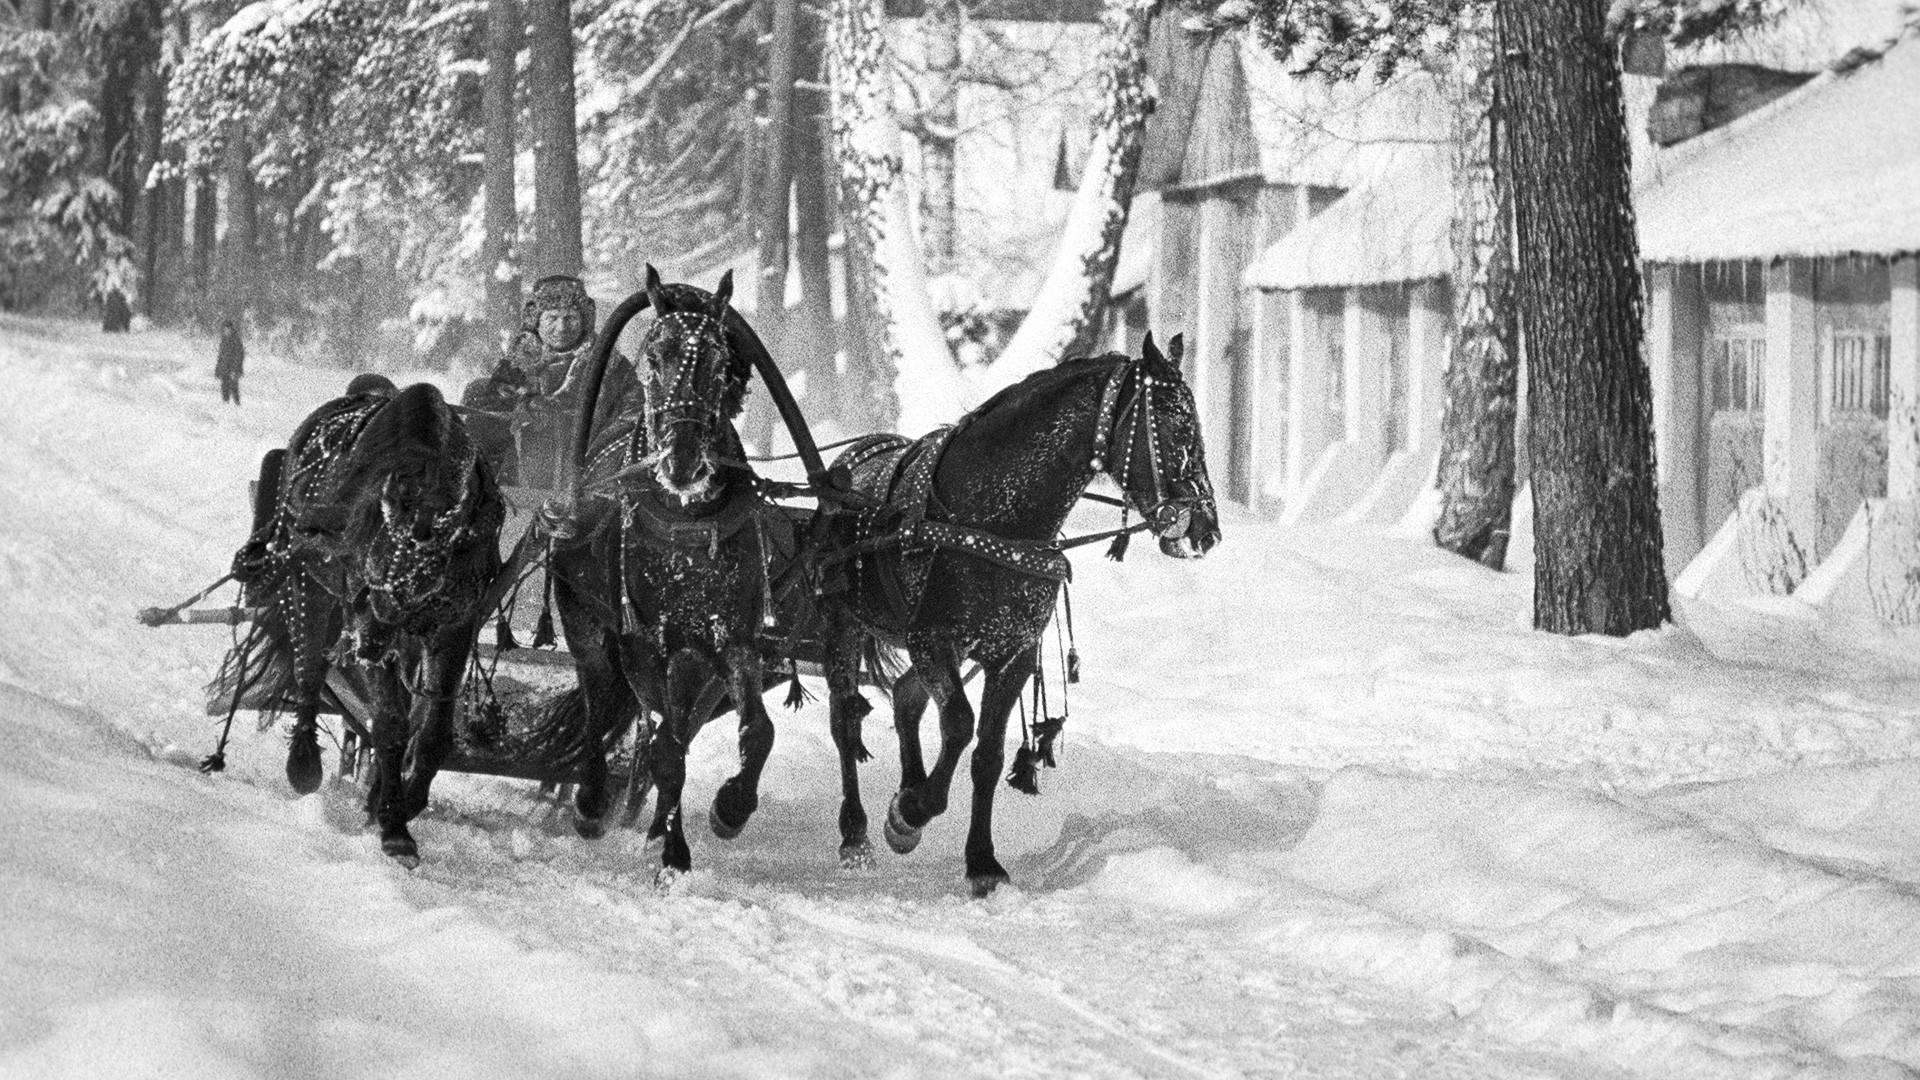 Sebuah troika (kereta kuda khas Rusia) membawa penumpang di Taman Ostankino, Moskow, 1975.